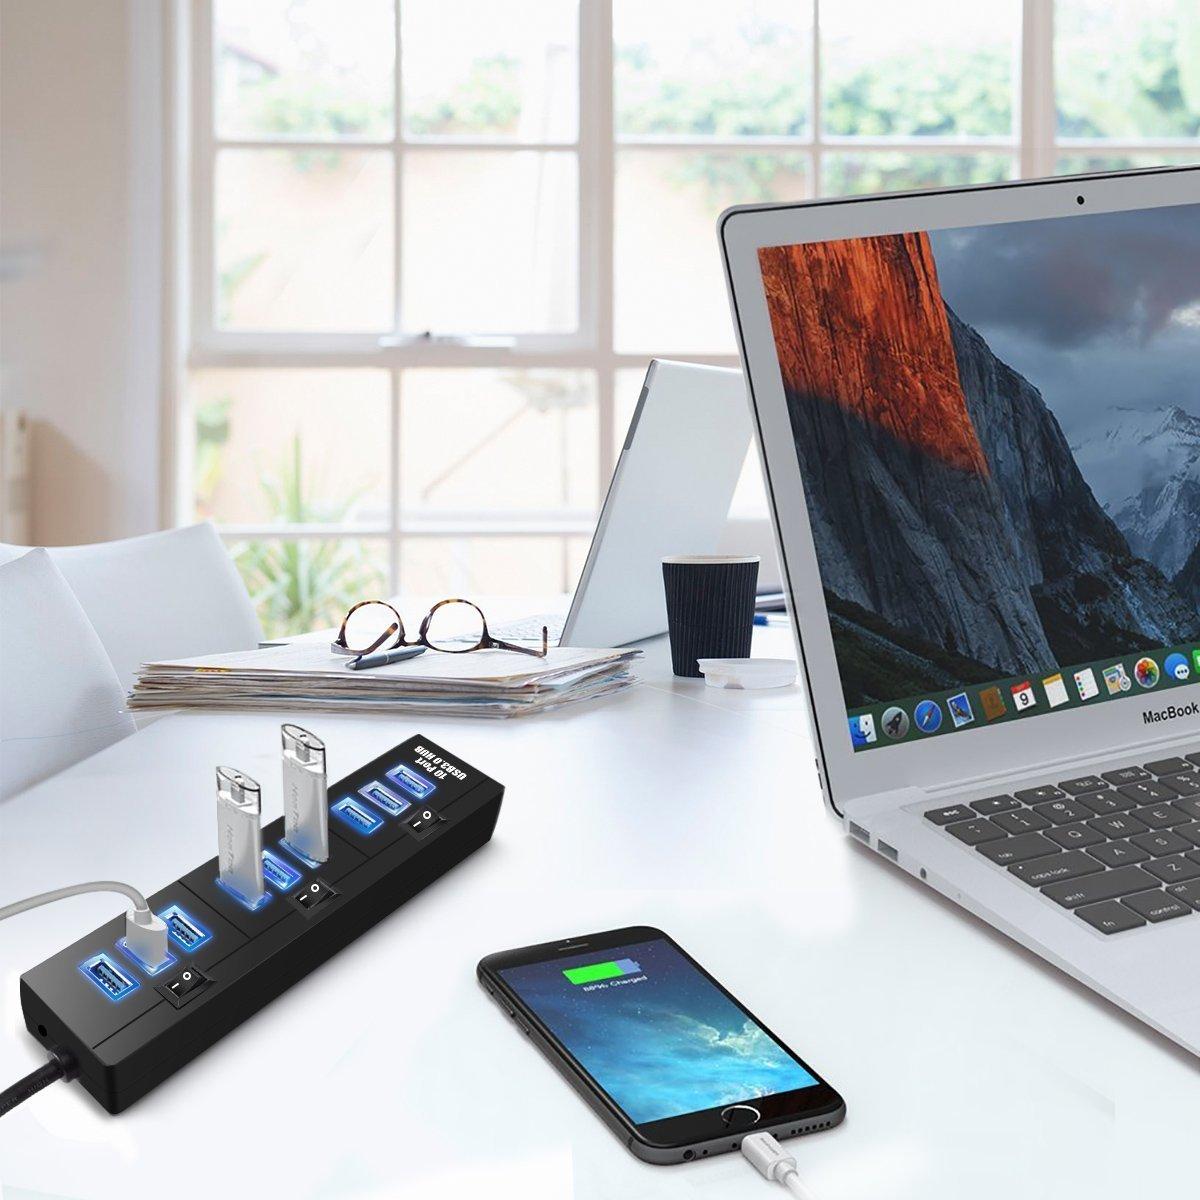 10 Puertos USB 3.0 Hub, ELEGIANT Alta Velocidad USB Switch Concentrador De Datos 3.0 10 Adaptador De Puerto Concentrador De Potencia De Transmisión 5Gbps ...